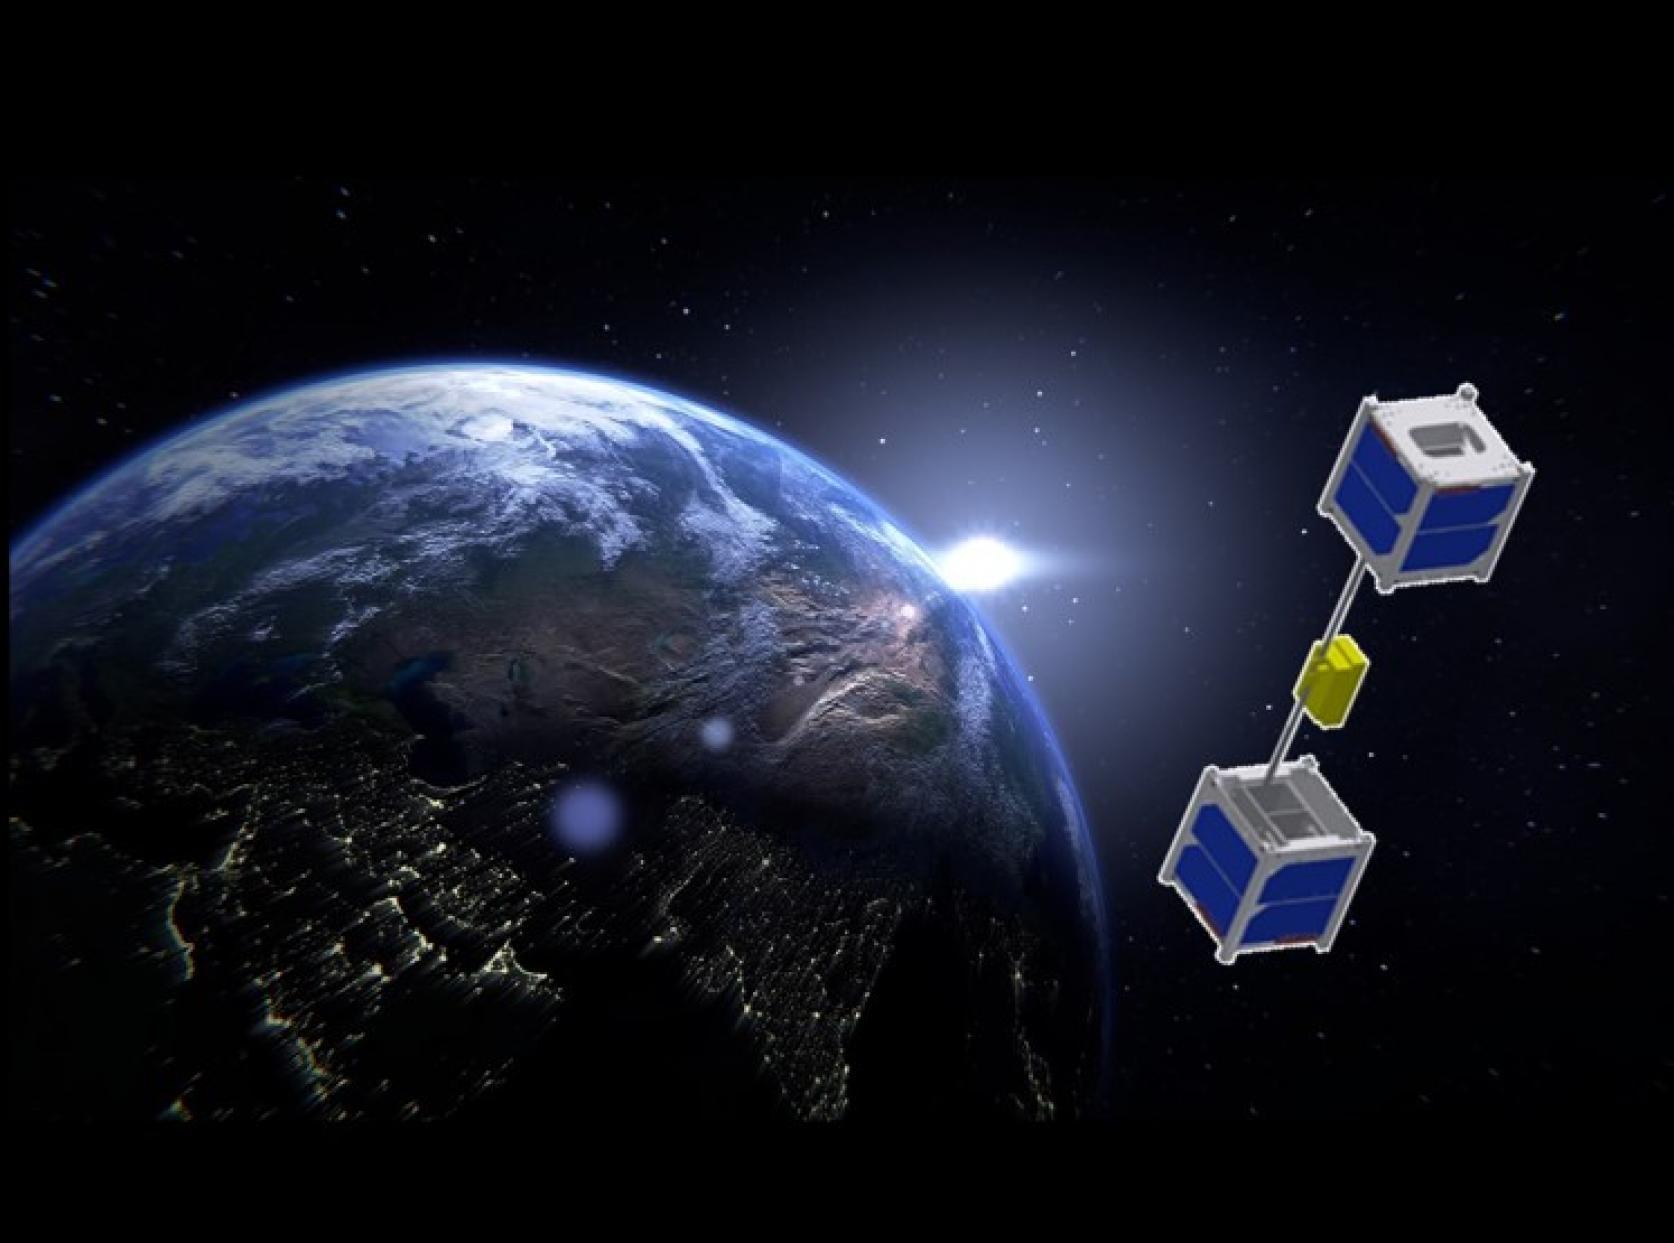 精密機械工学科の青木義男教授が、静岡大学、(株)大林組と共同開発している超小型エレベーター衛星STARS-Meプロジェクトが、本日静岡大学よりプレスリリースされました。